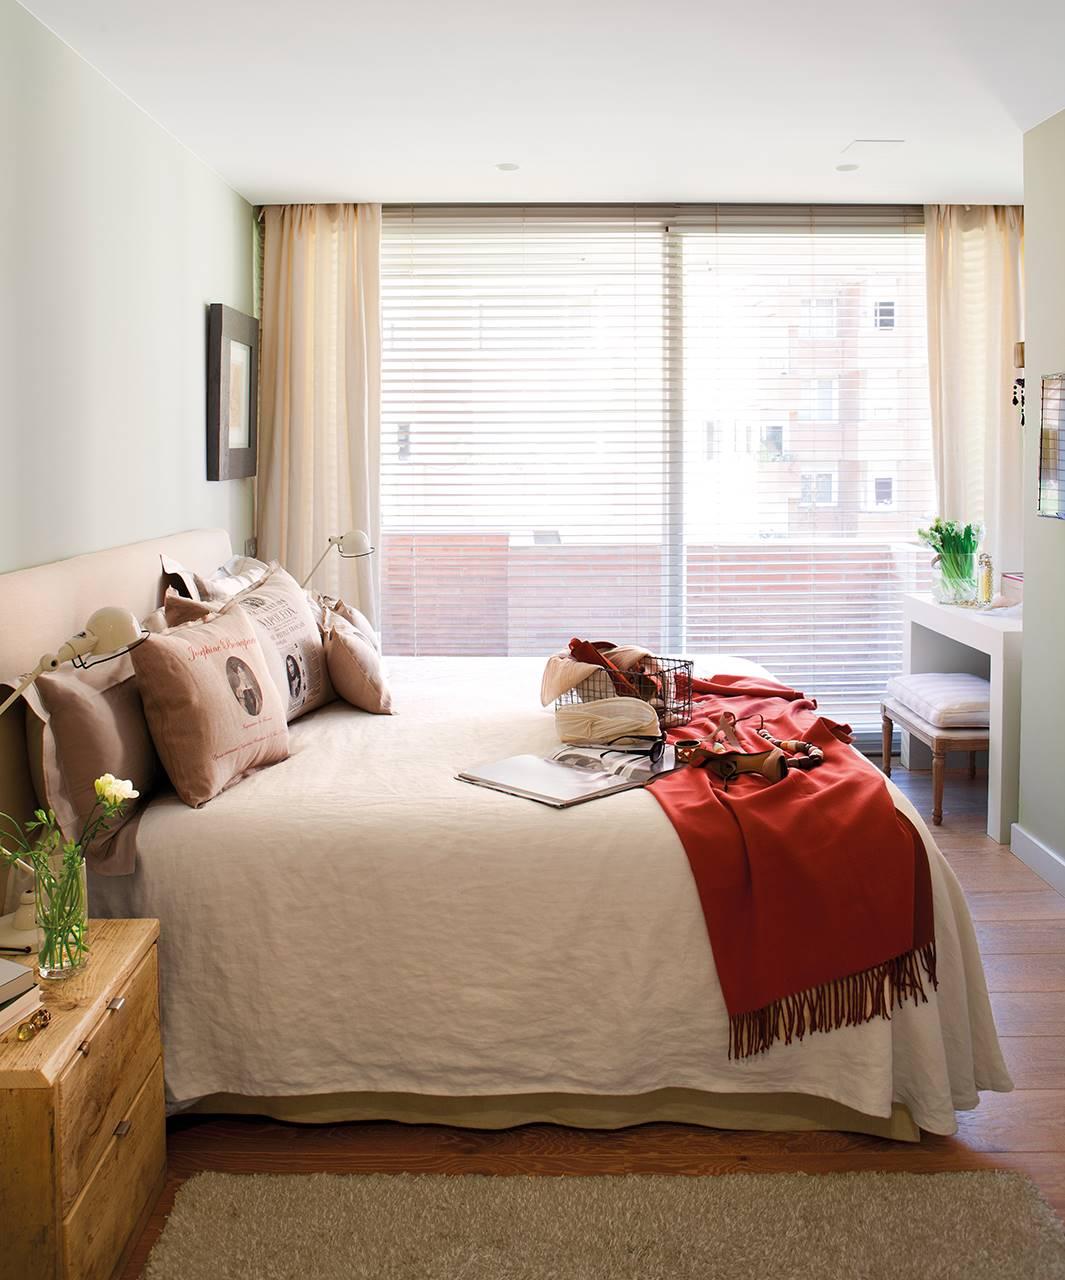 Dormitorio con suelo de parquet y cortinas de lino. Renueva el suelo